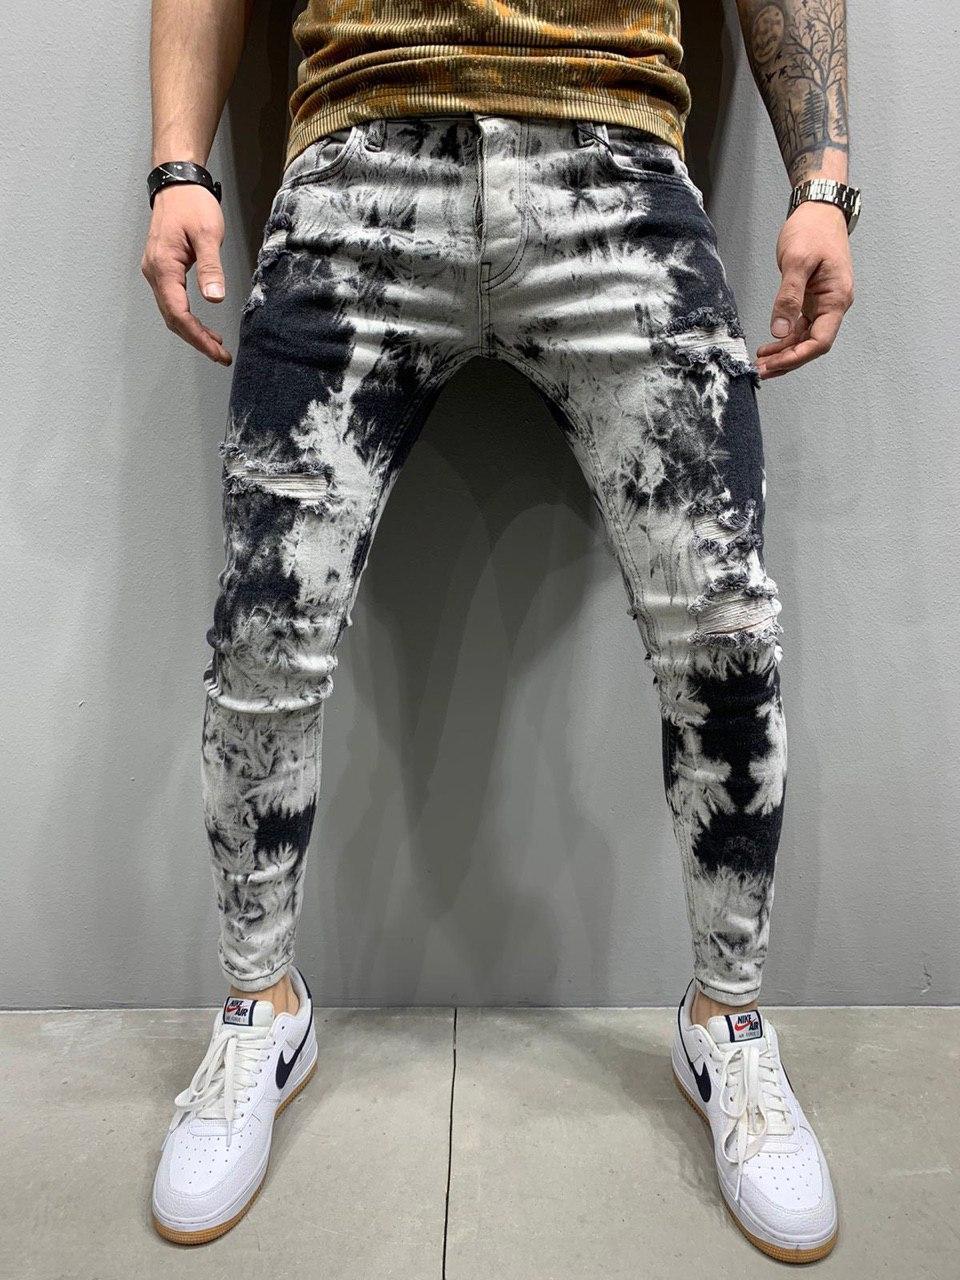 Джинси - чоловічі чорно-білі джинси ексклюзивний фасон